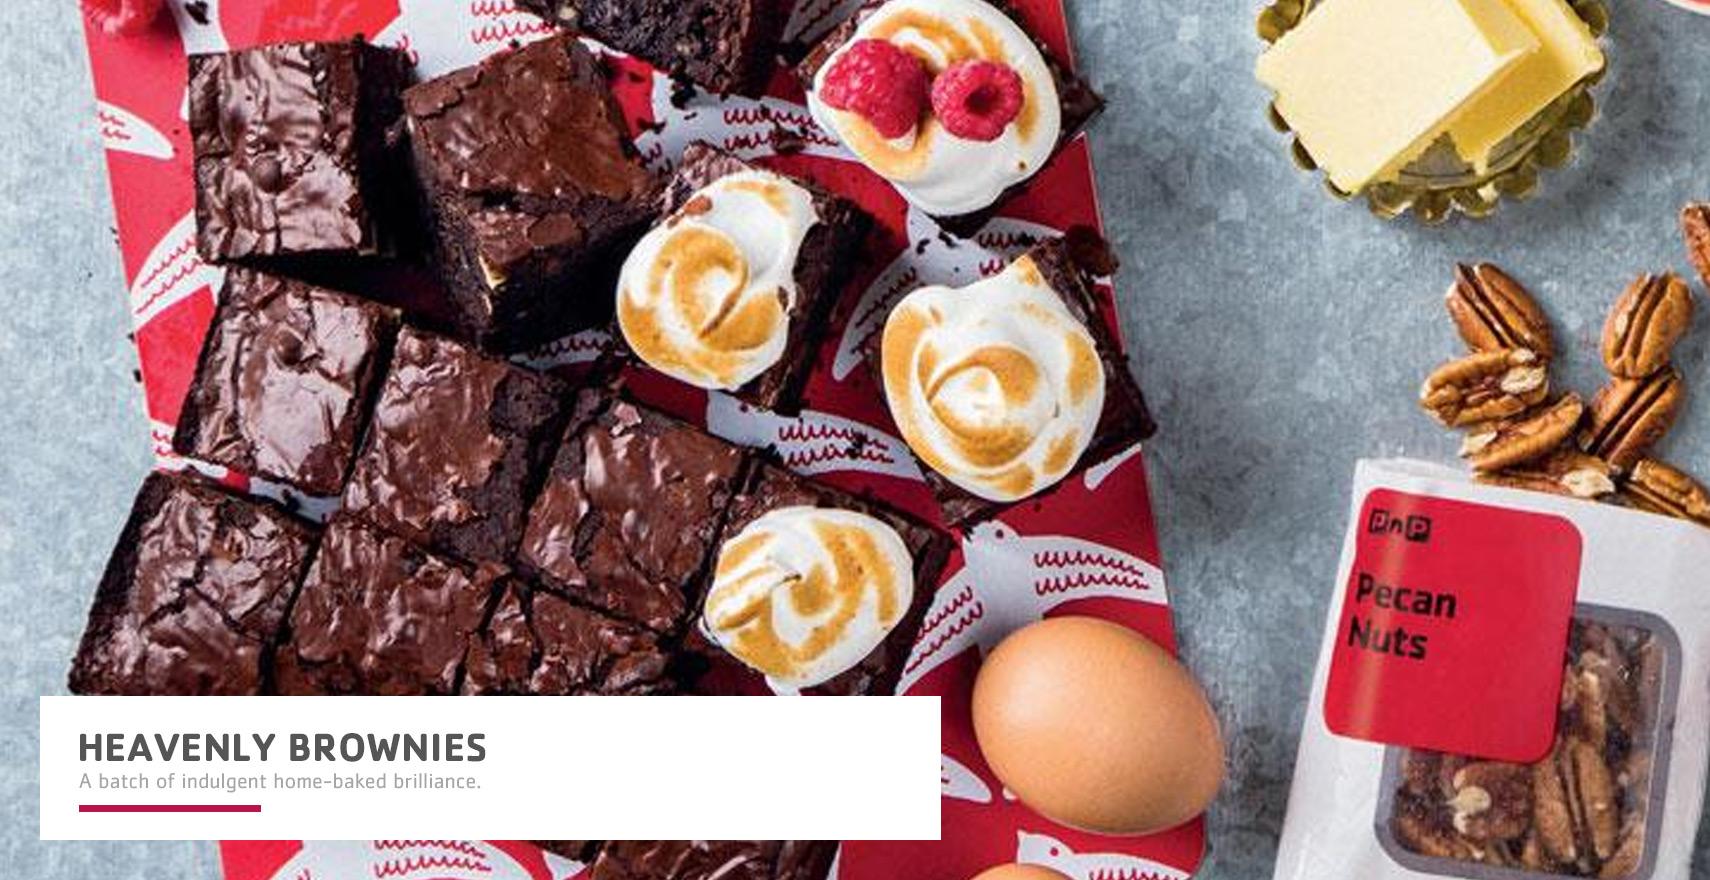 heavenly-brownies.jpg